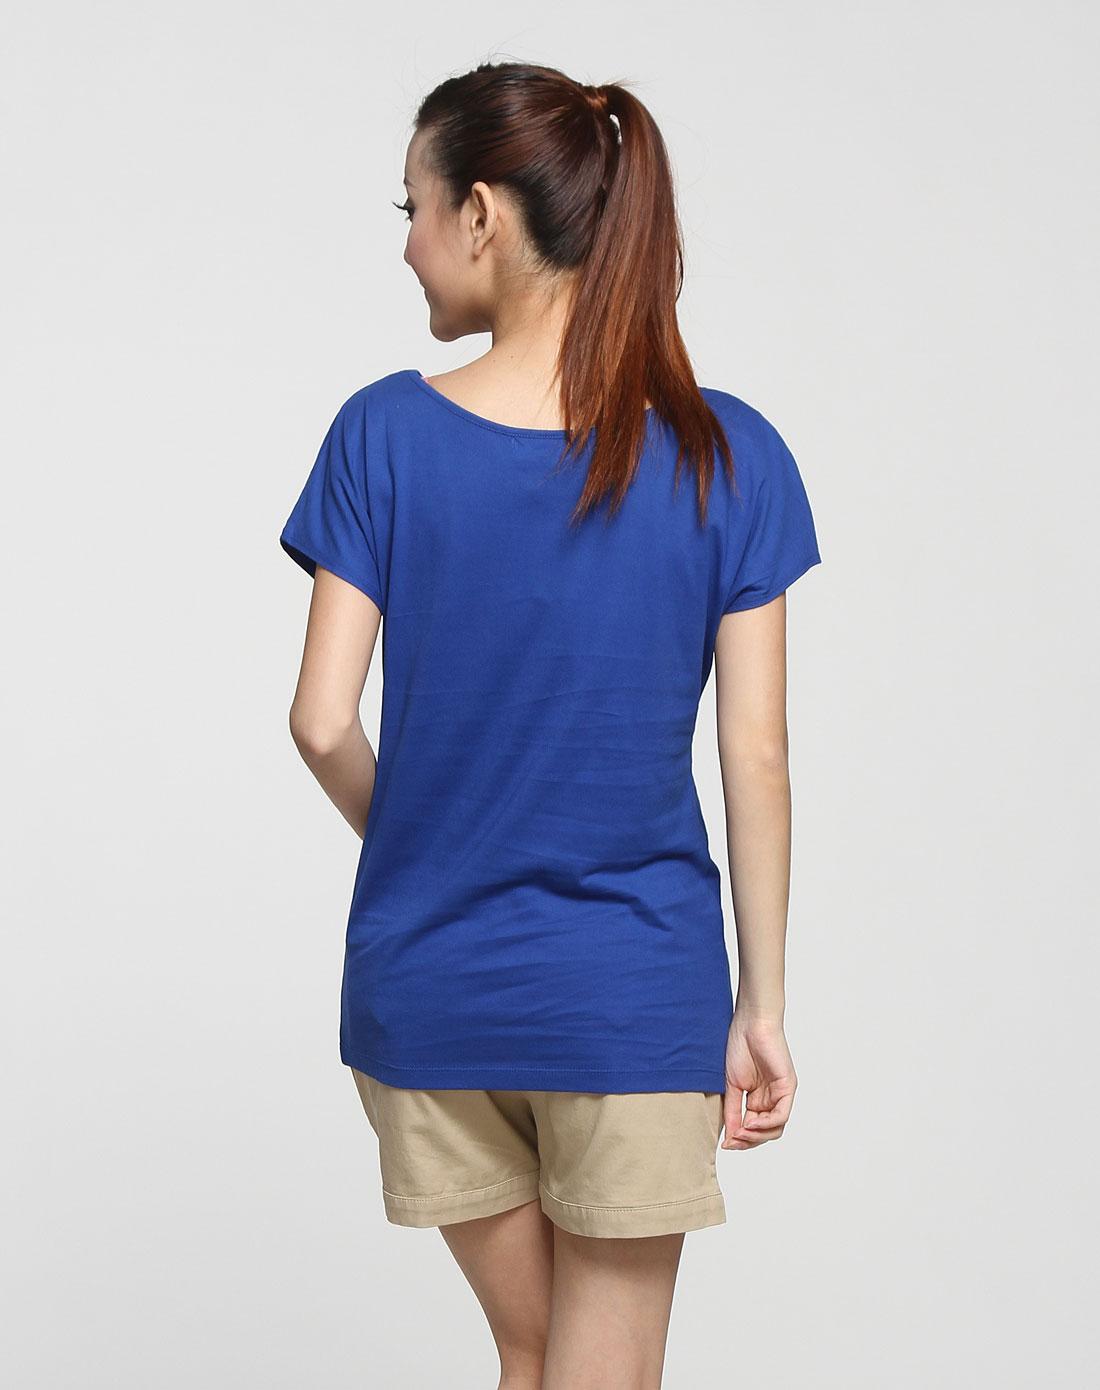 女款蓝色闪亮印图短袖t恤衫